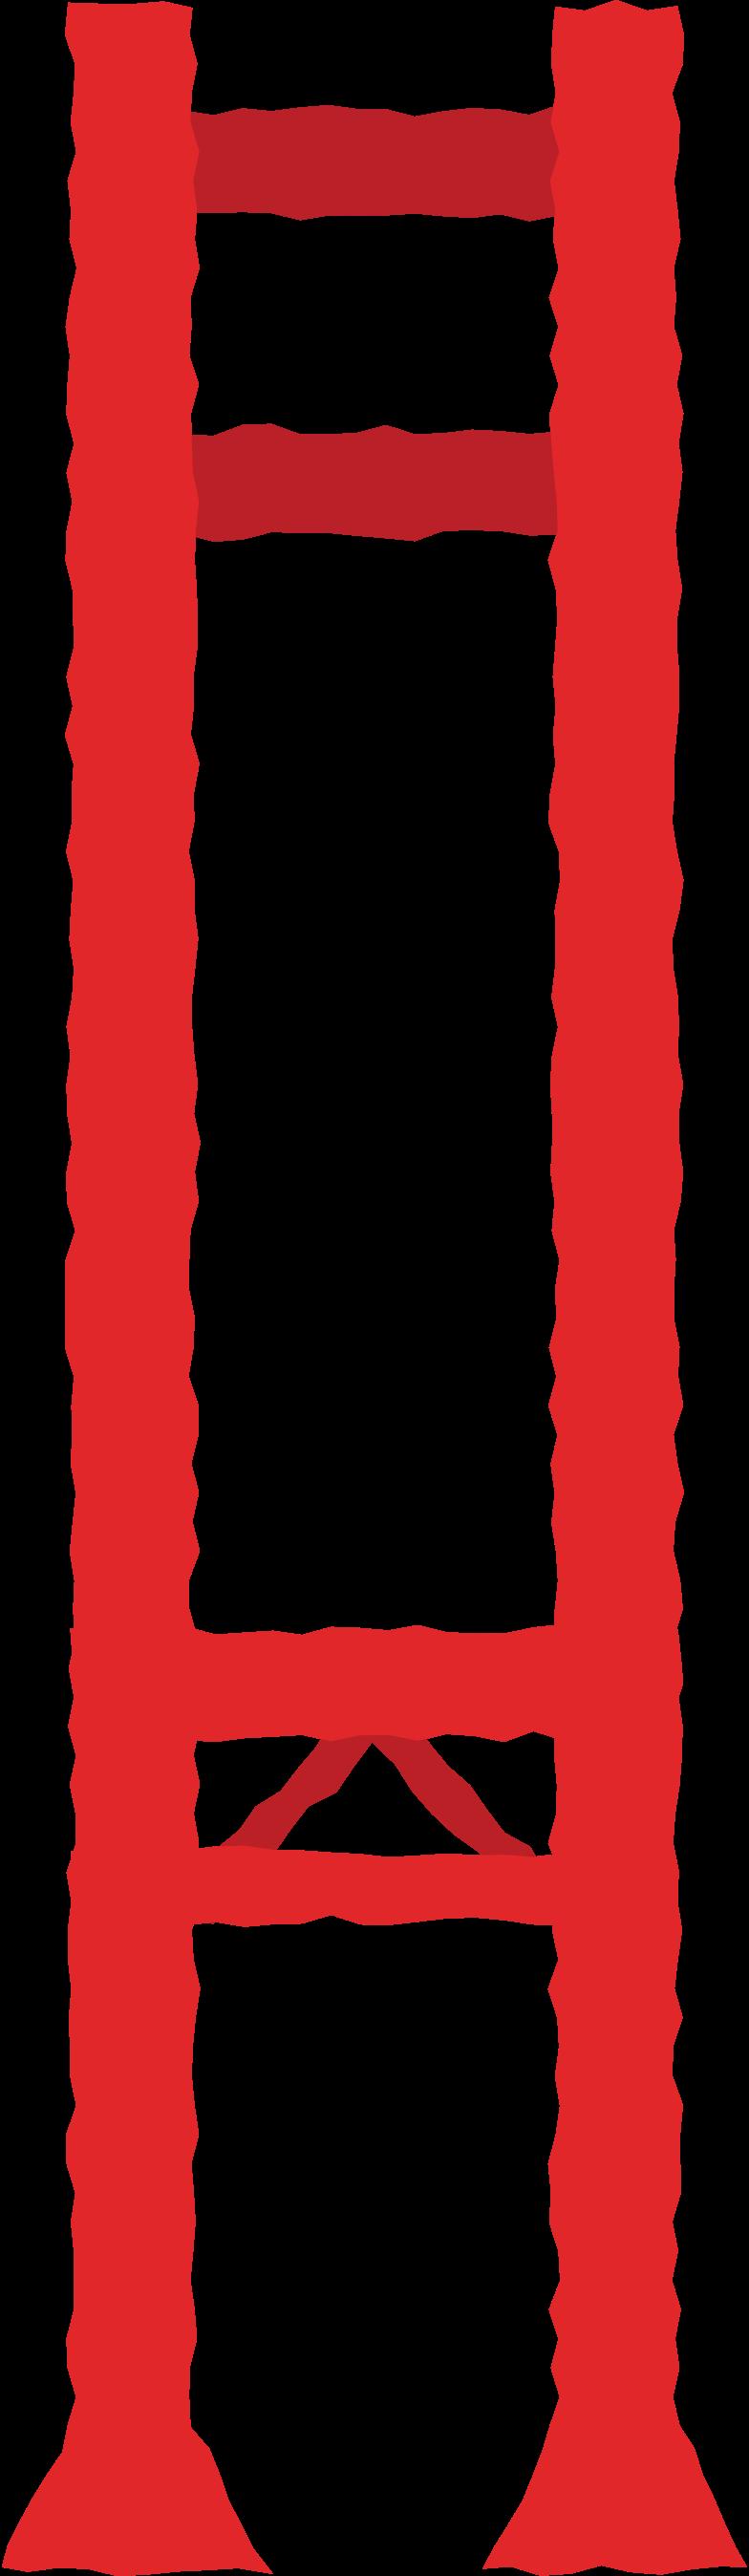 bridge Clipart illustration in PNG, SVG